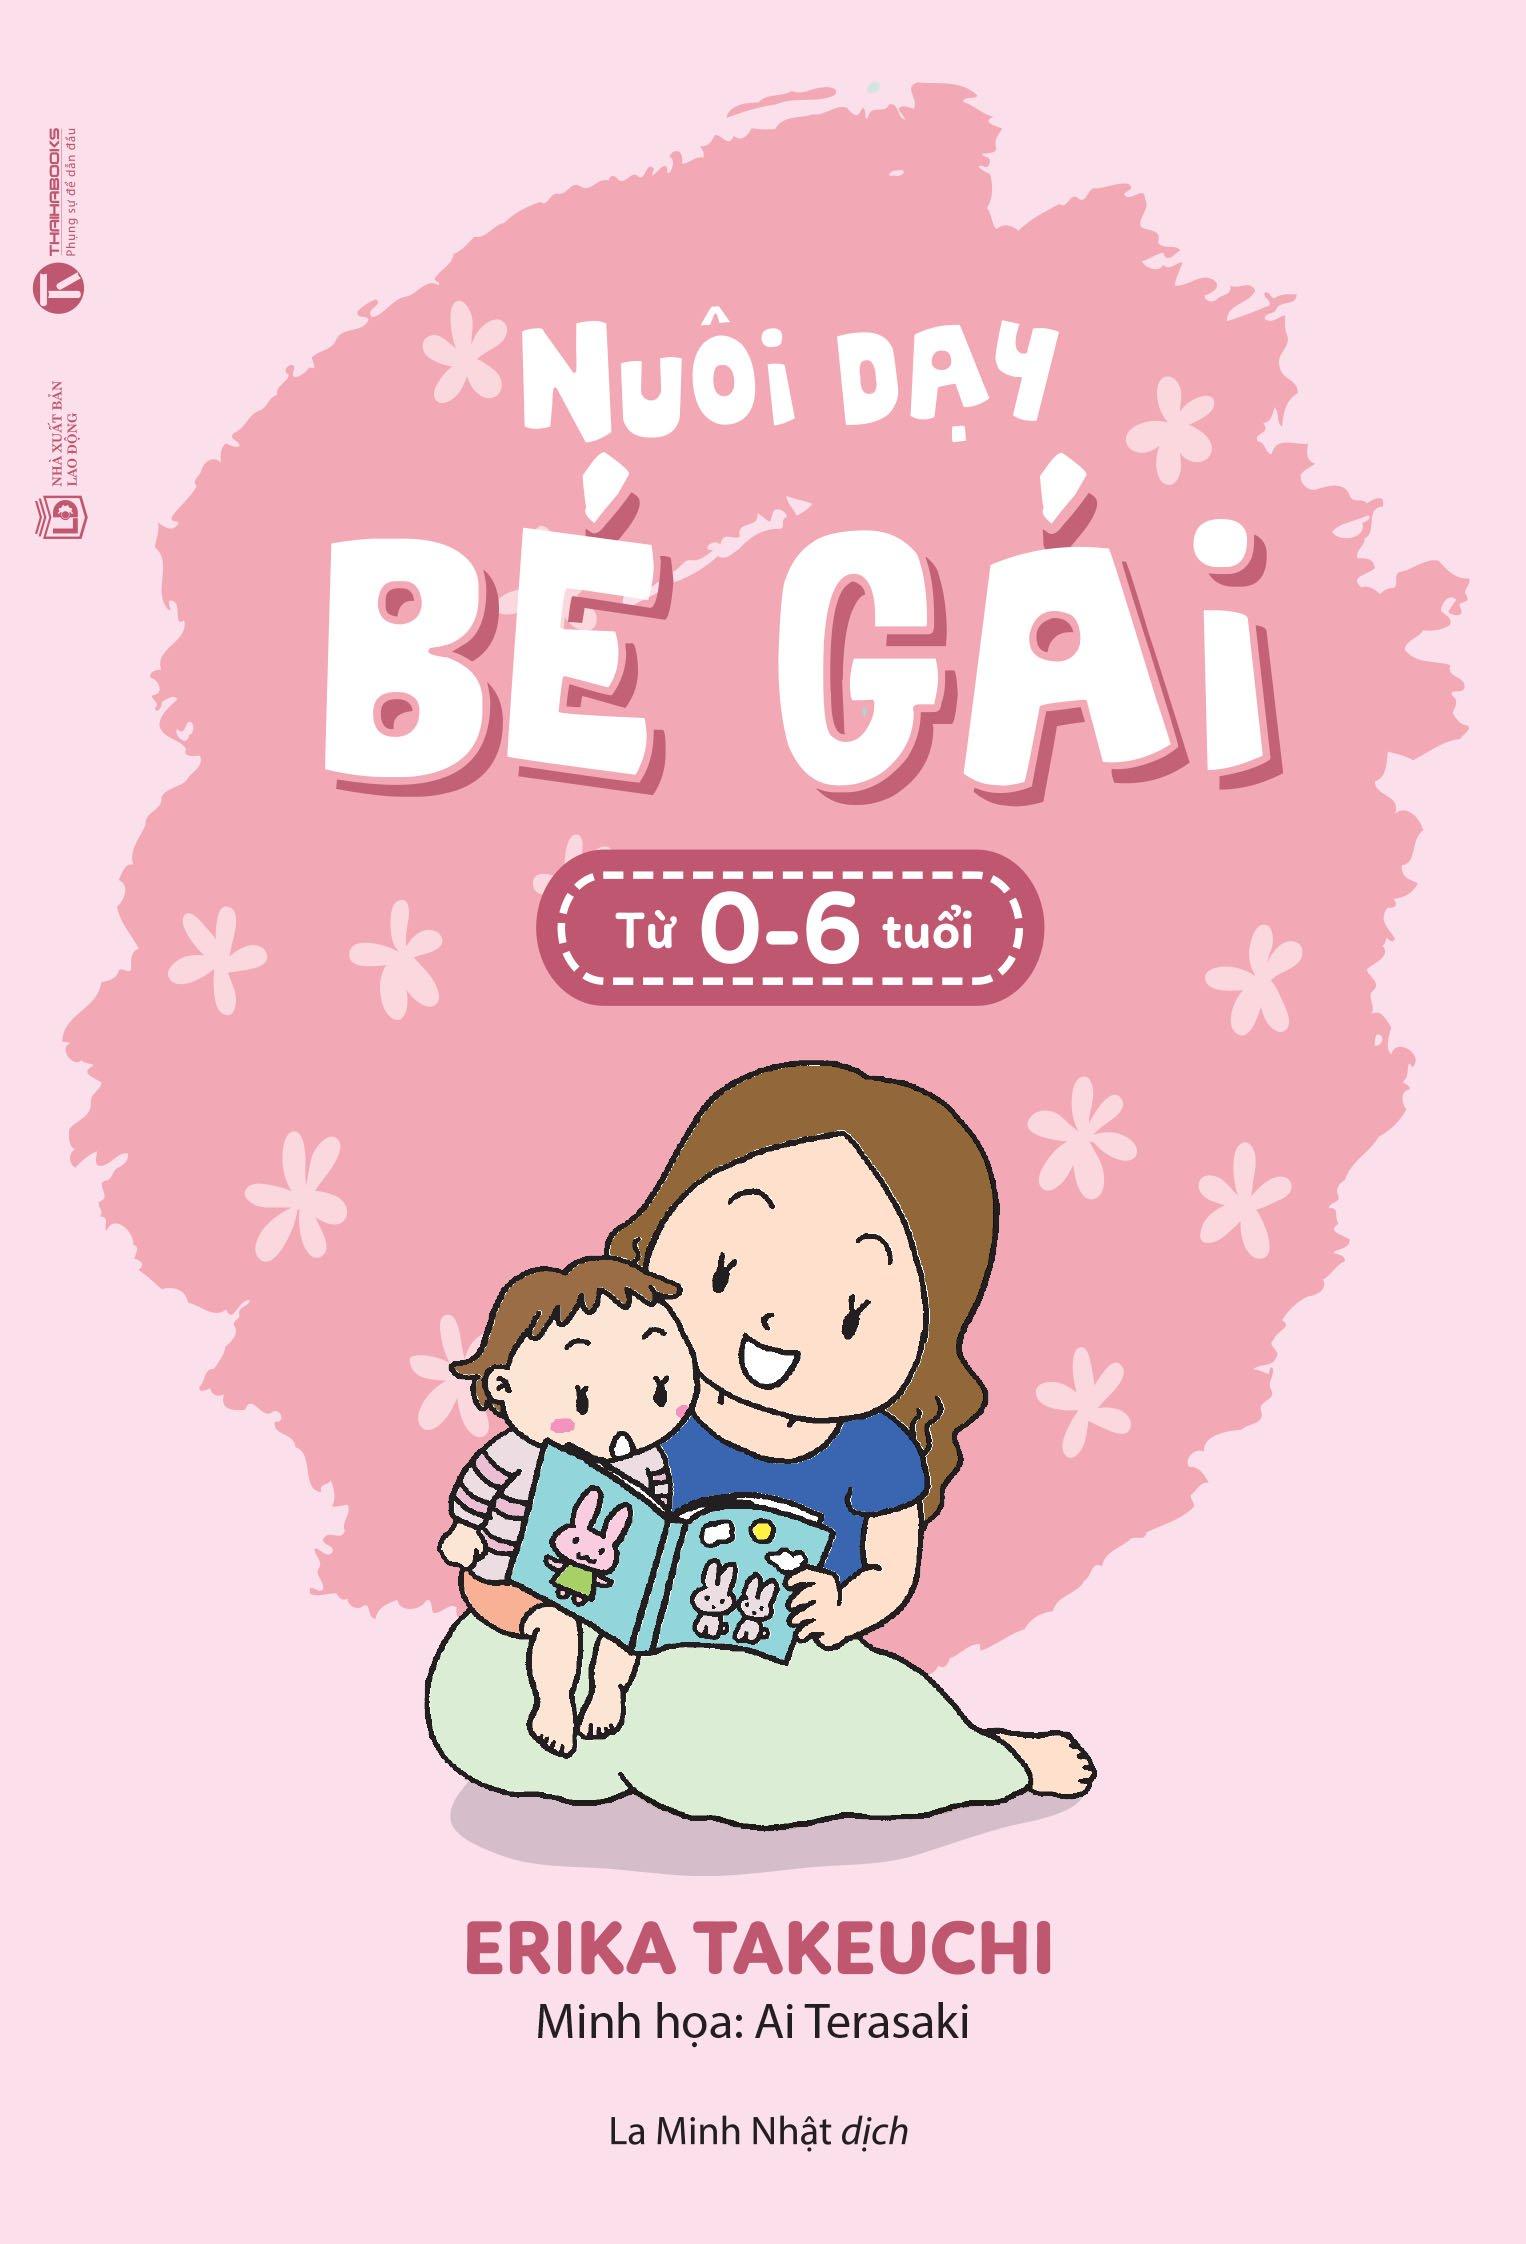 Combo sách Nuôi dạy bé gái từ 0-6 tuổi và Nuôi dạy bé trai từ 0-6 tuổi (trọn bộ 2 cuốn)